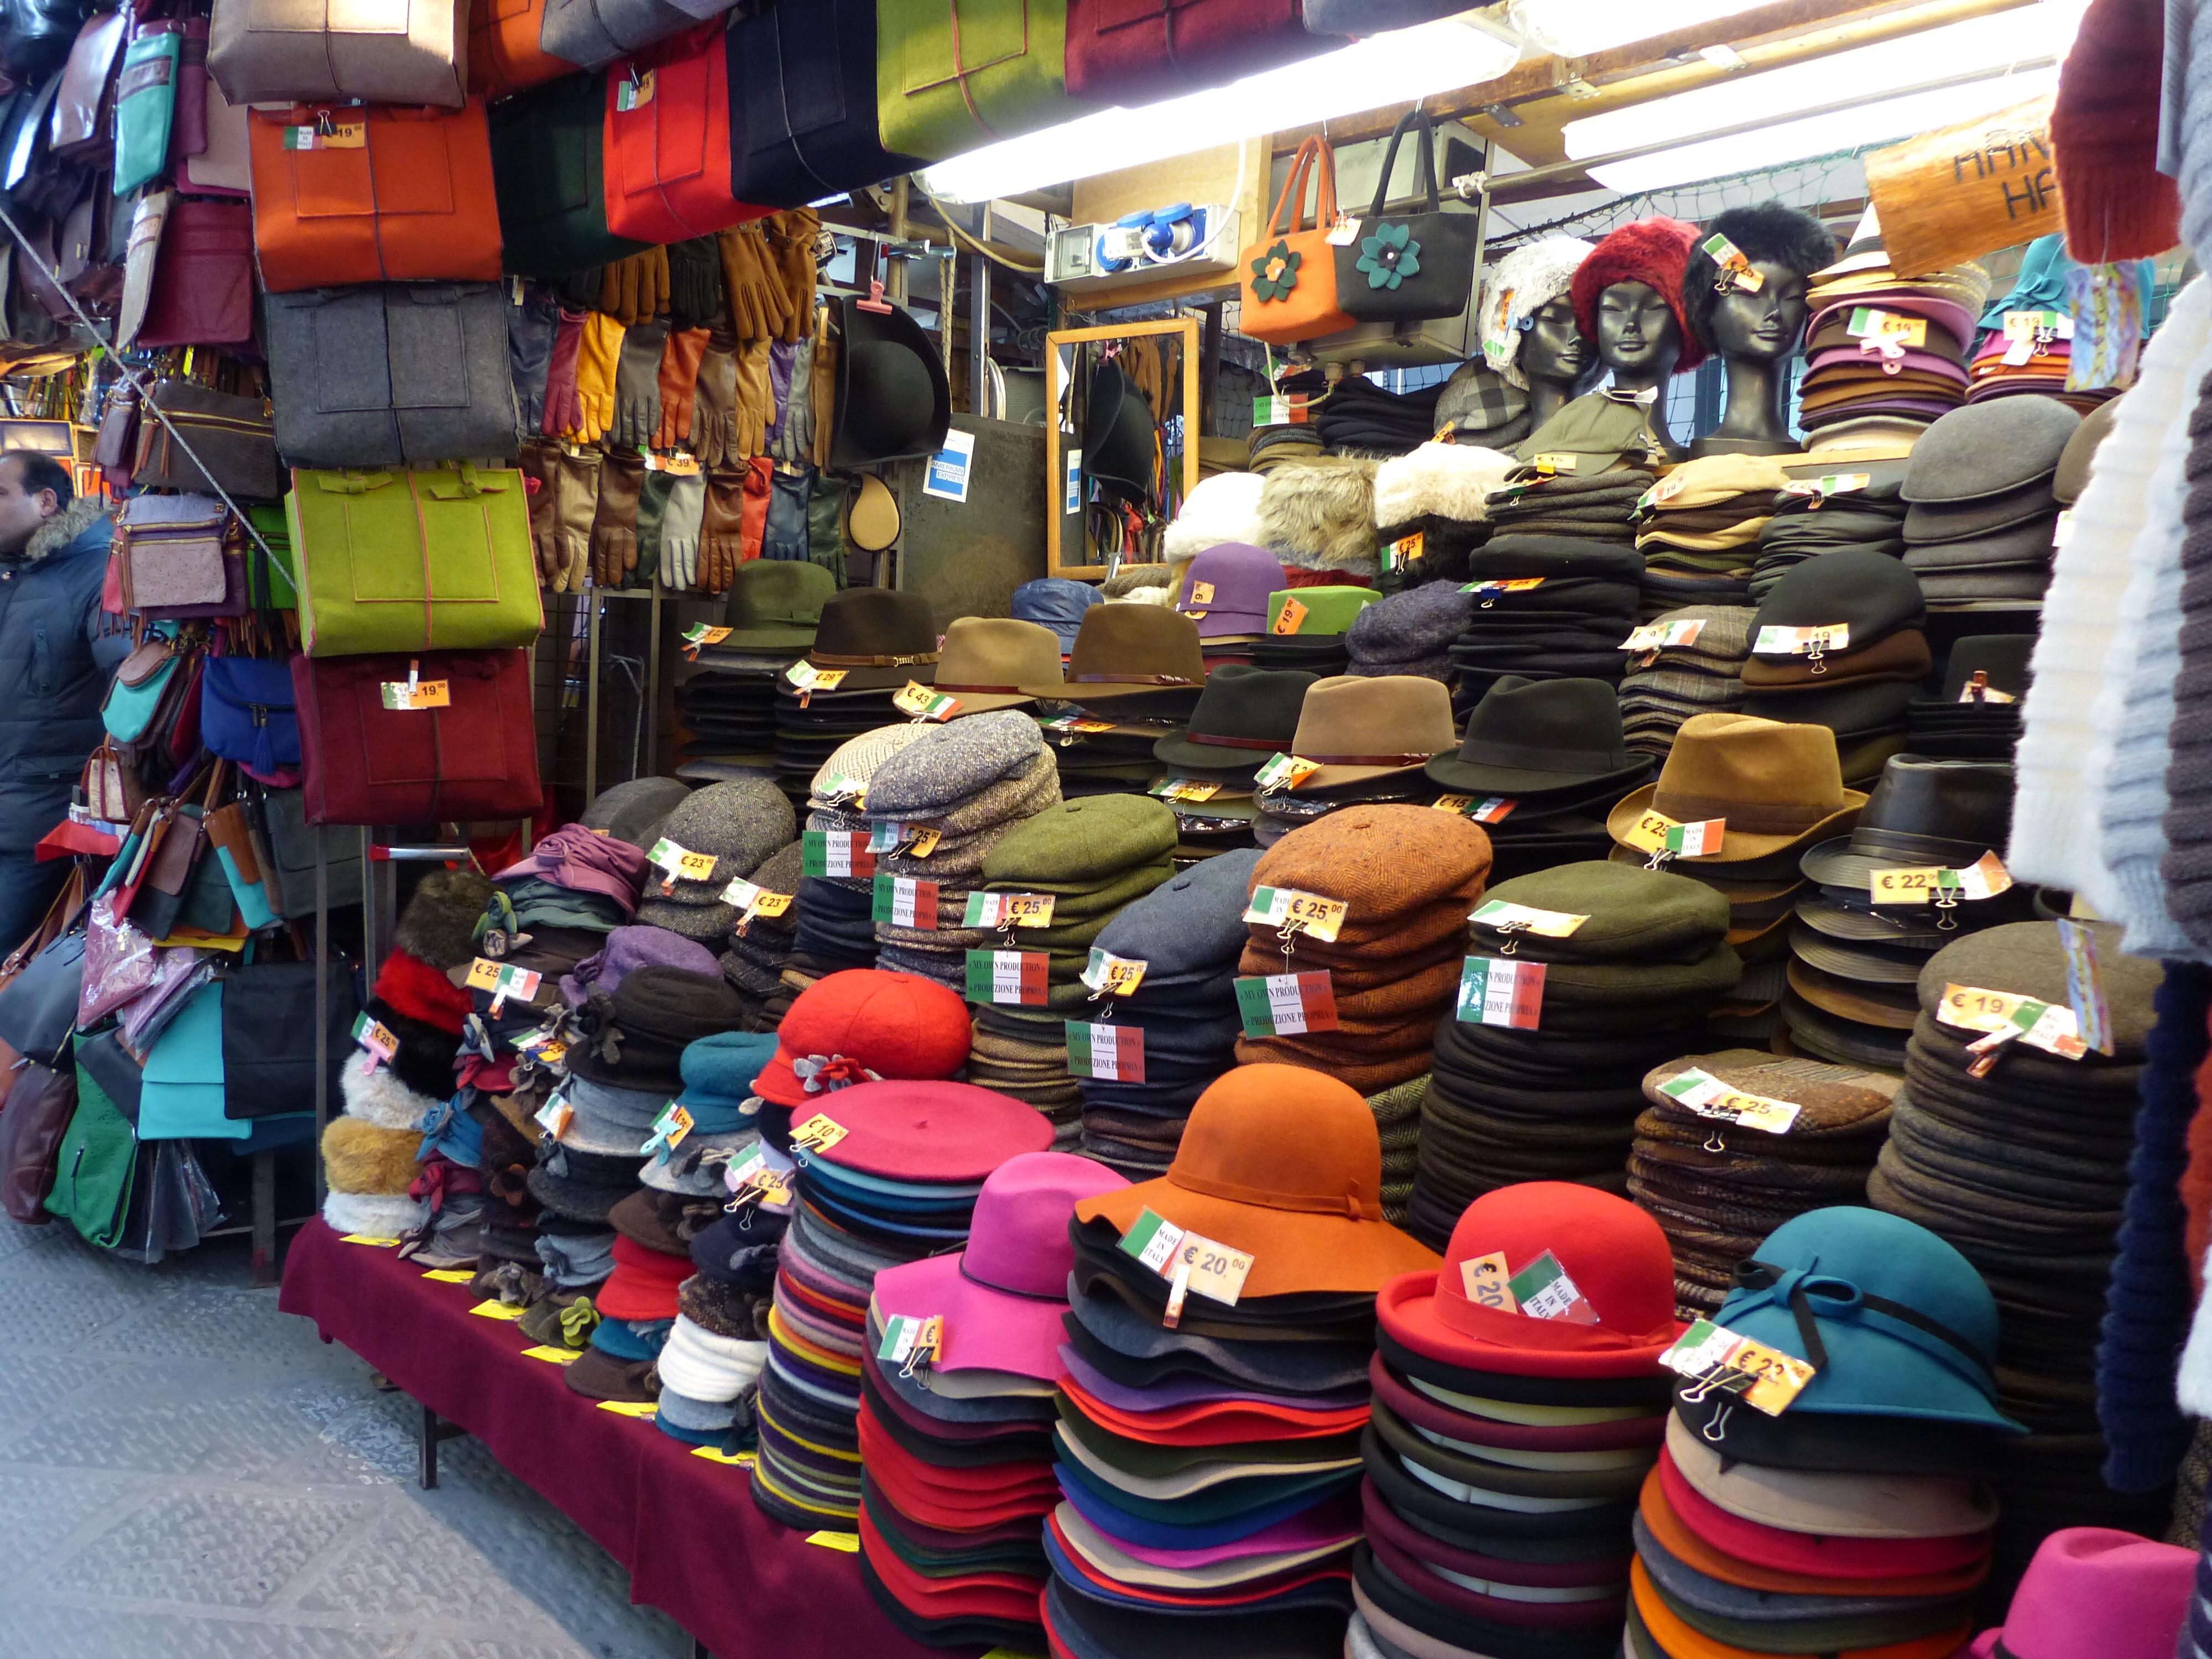 San Lorenzo market, Florence: Address, Phone Number, San Lorenzo market Reviews: 4/5